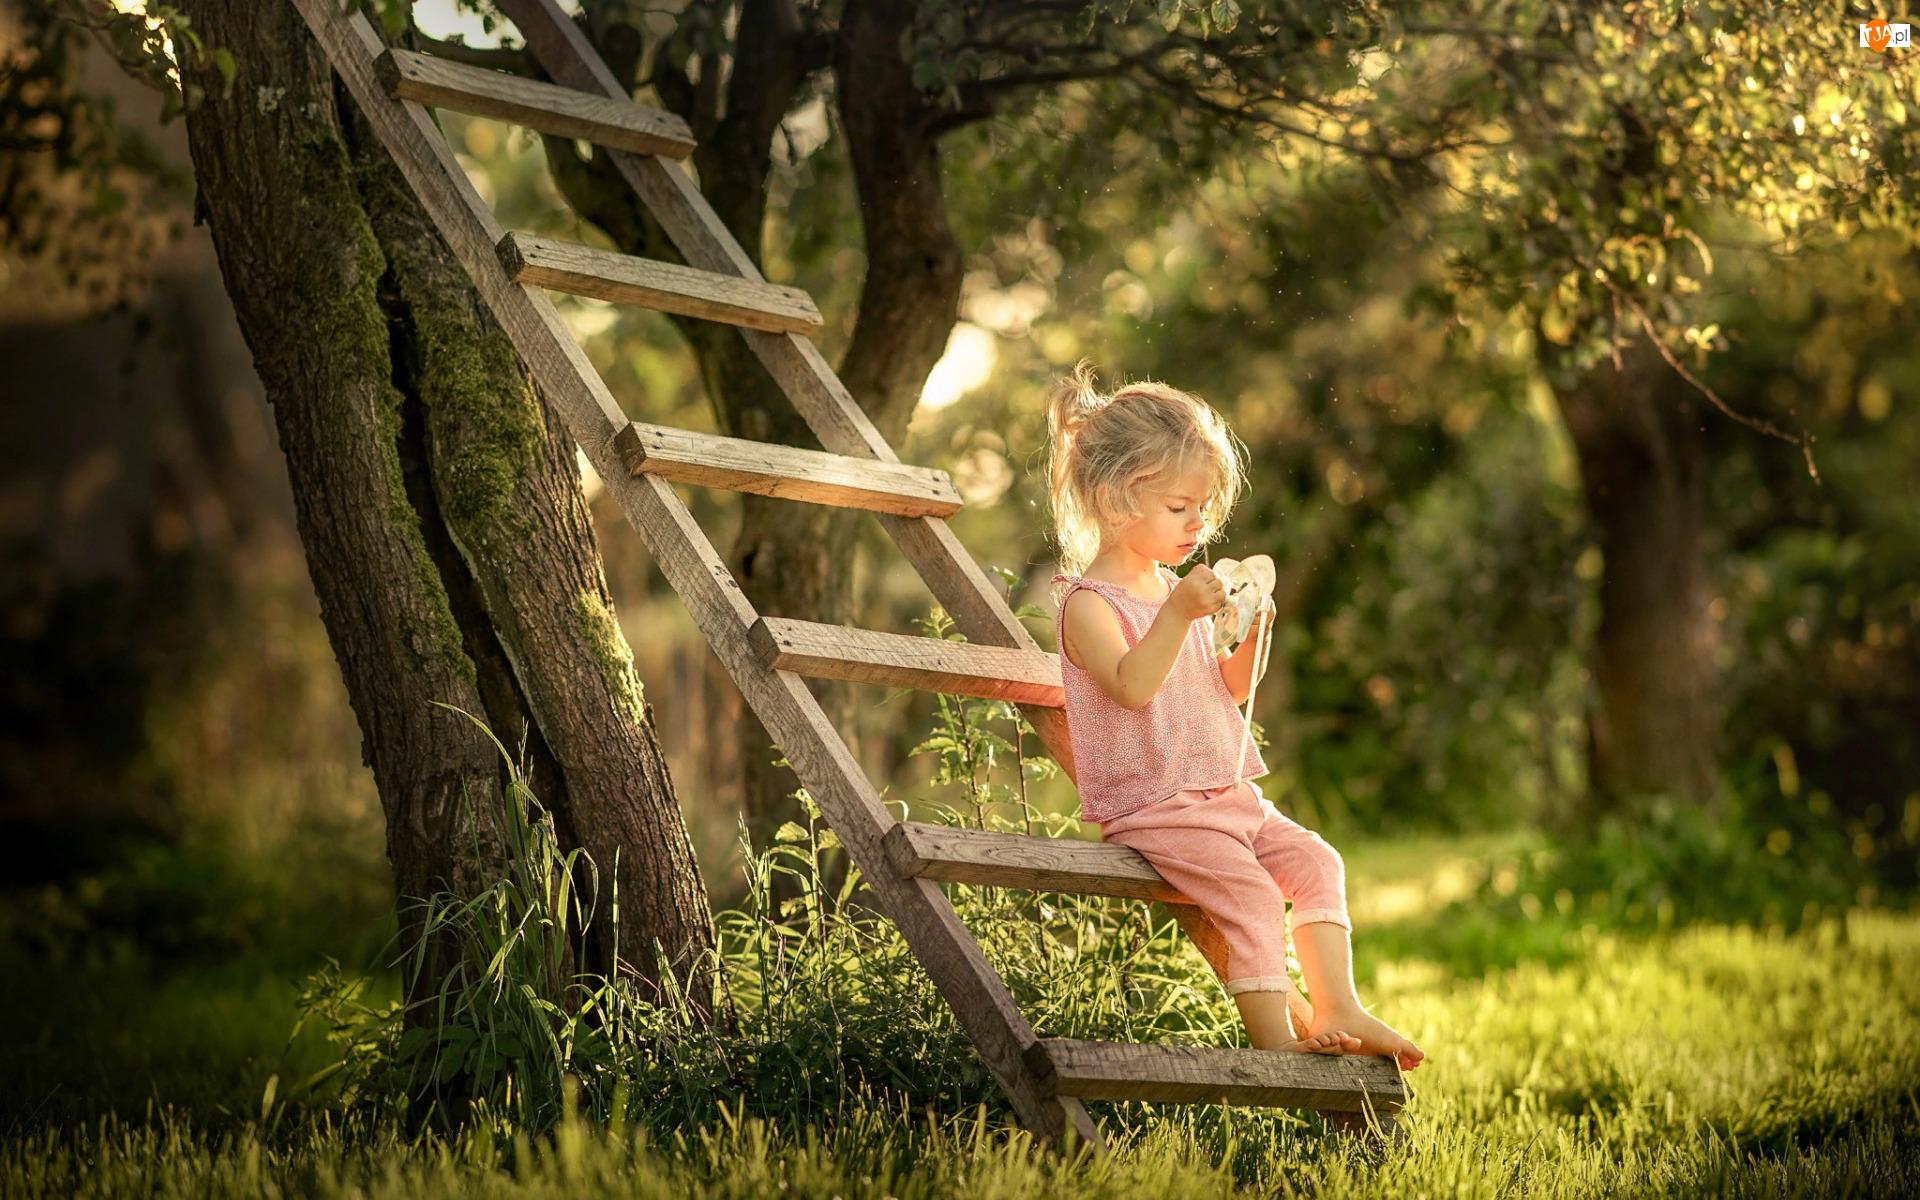 Drzewa, Lato, Drabina, Dziecko, Ogród, Dziewczynka